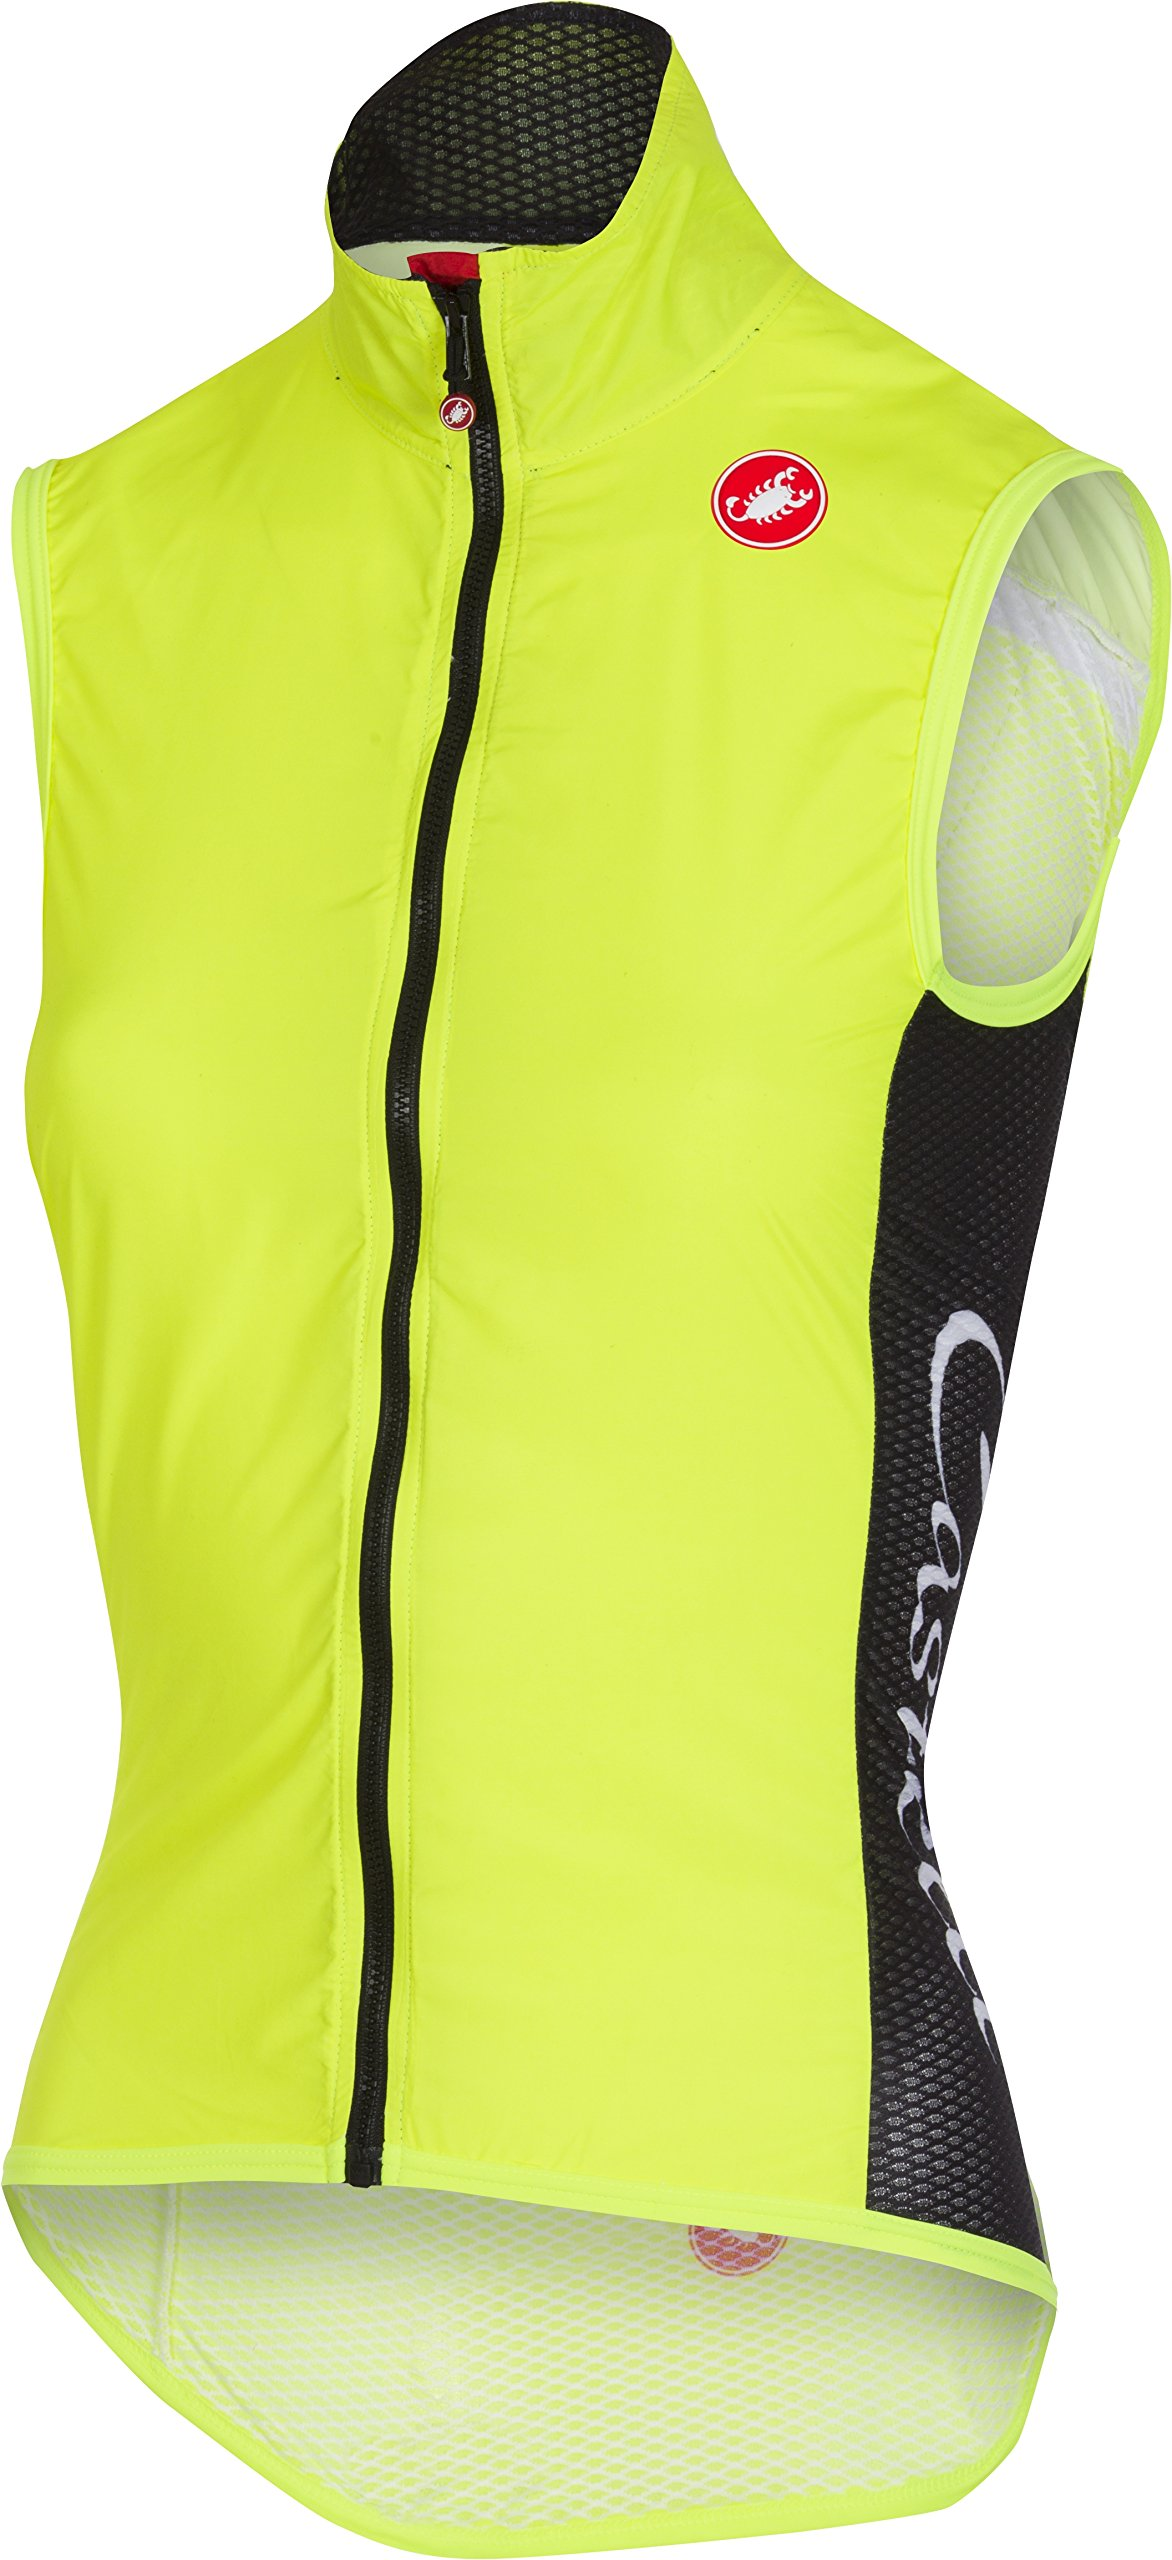 Castelli Pro Light Wind Vest - Women's Yellow Fluo, L